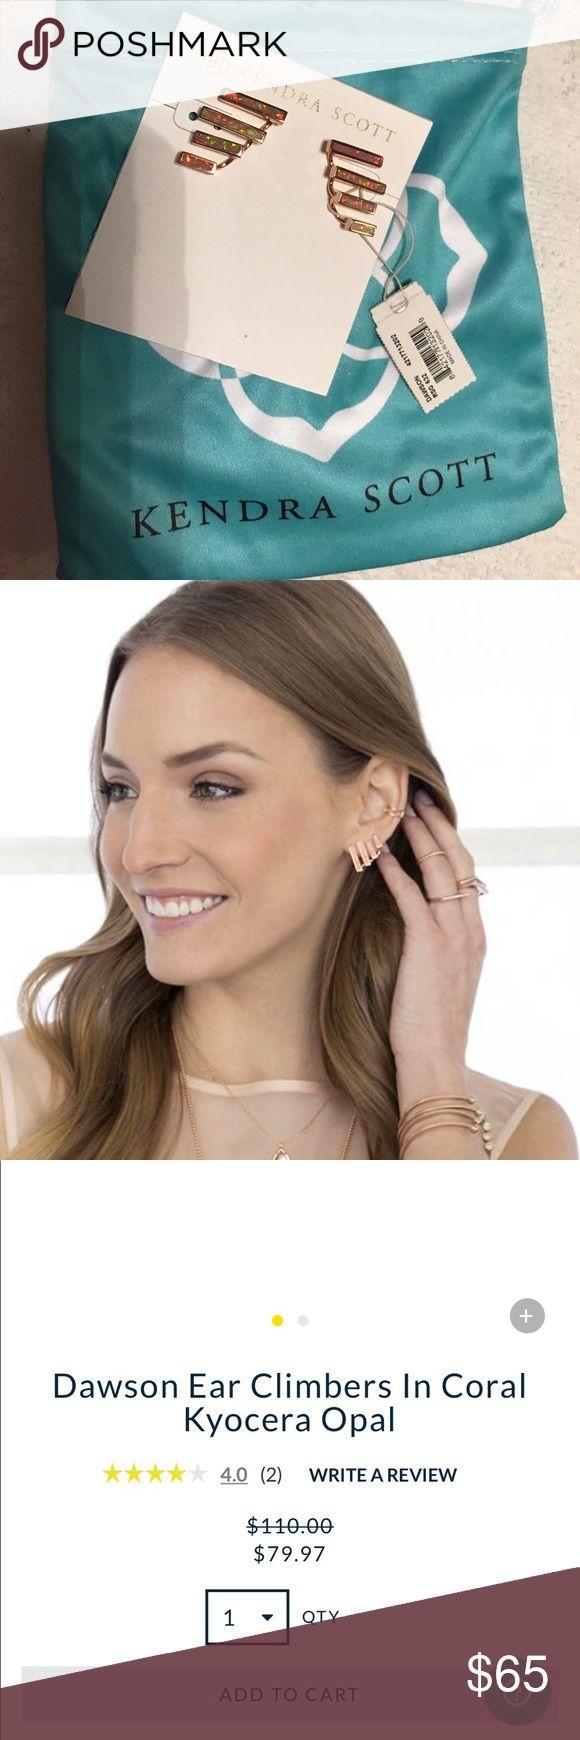 NWT Kendra Scott ear climber earrings Brand new ear climber Kendra Scott earrings! Originally $110 and on sale for $80 on their website Kendra Scott Jewelry Earrings